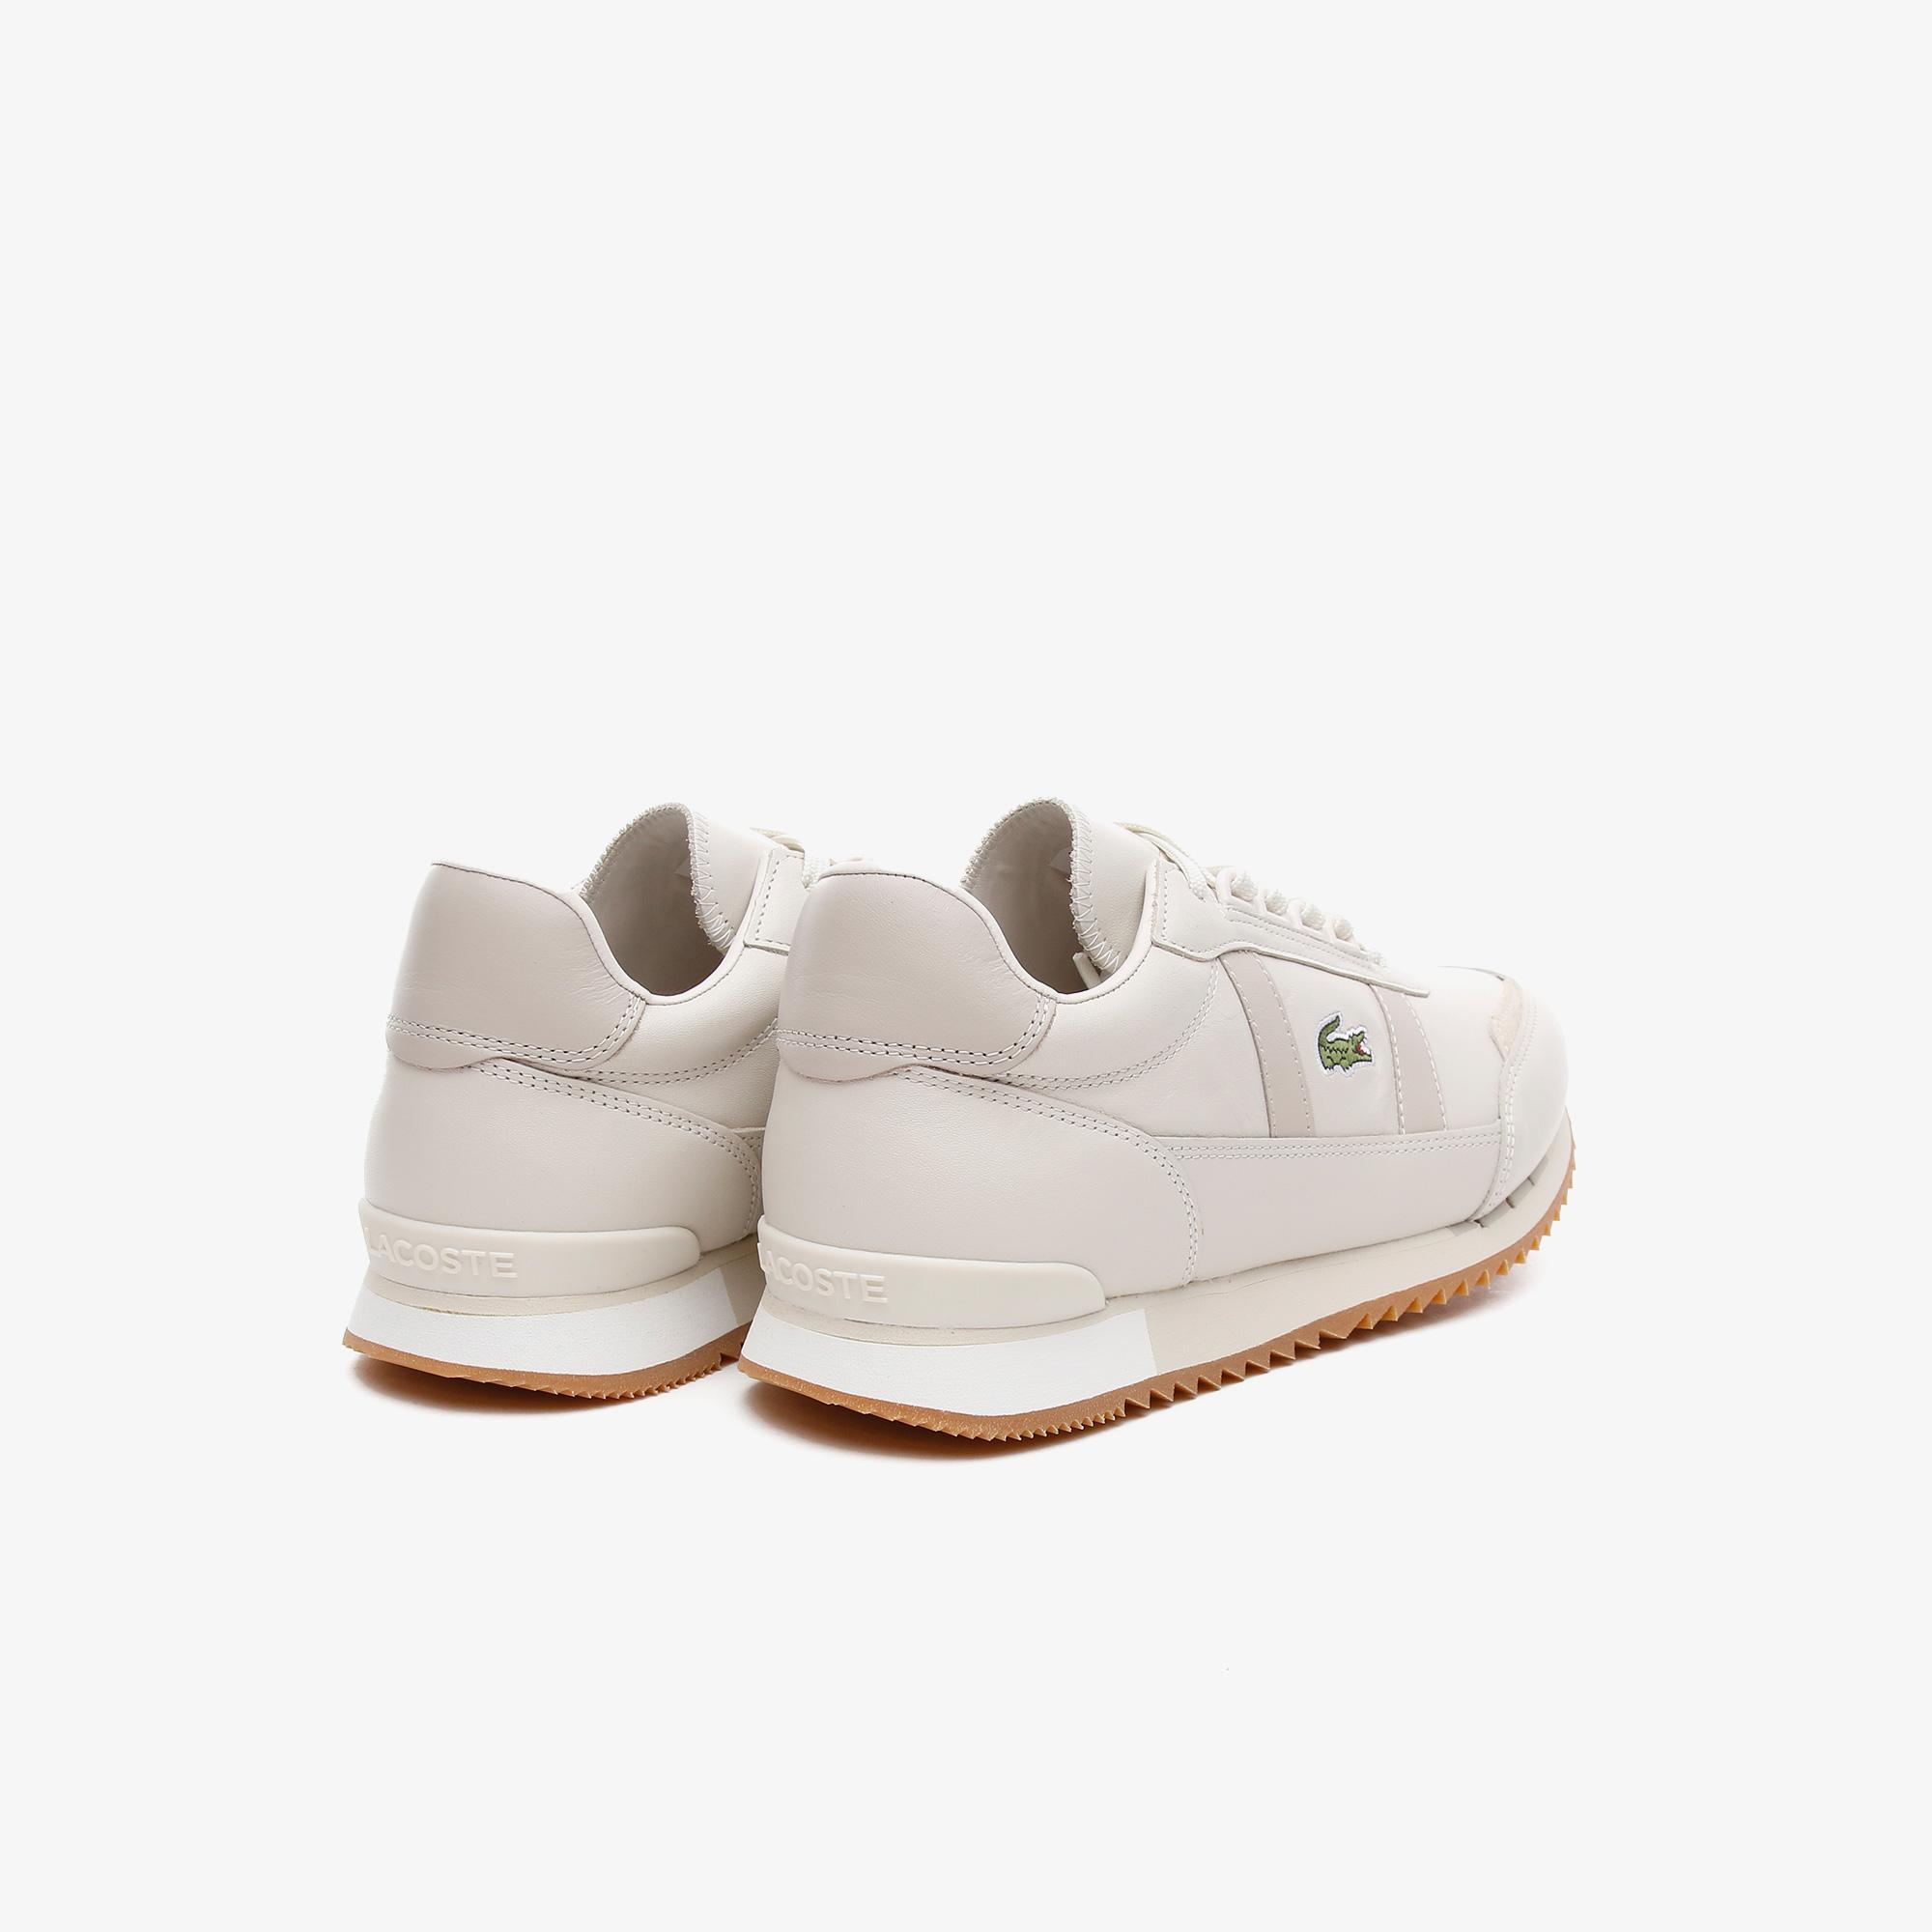 Lacoste Partner Retro 0721 1 Sma Erkek Krem Sneaker